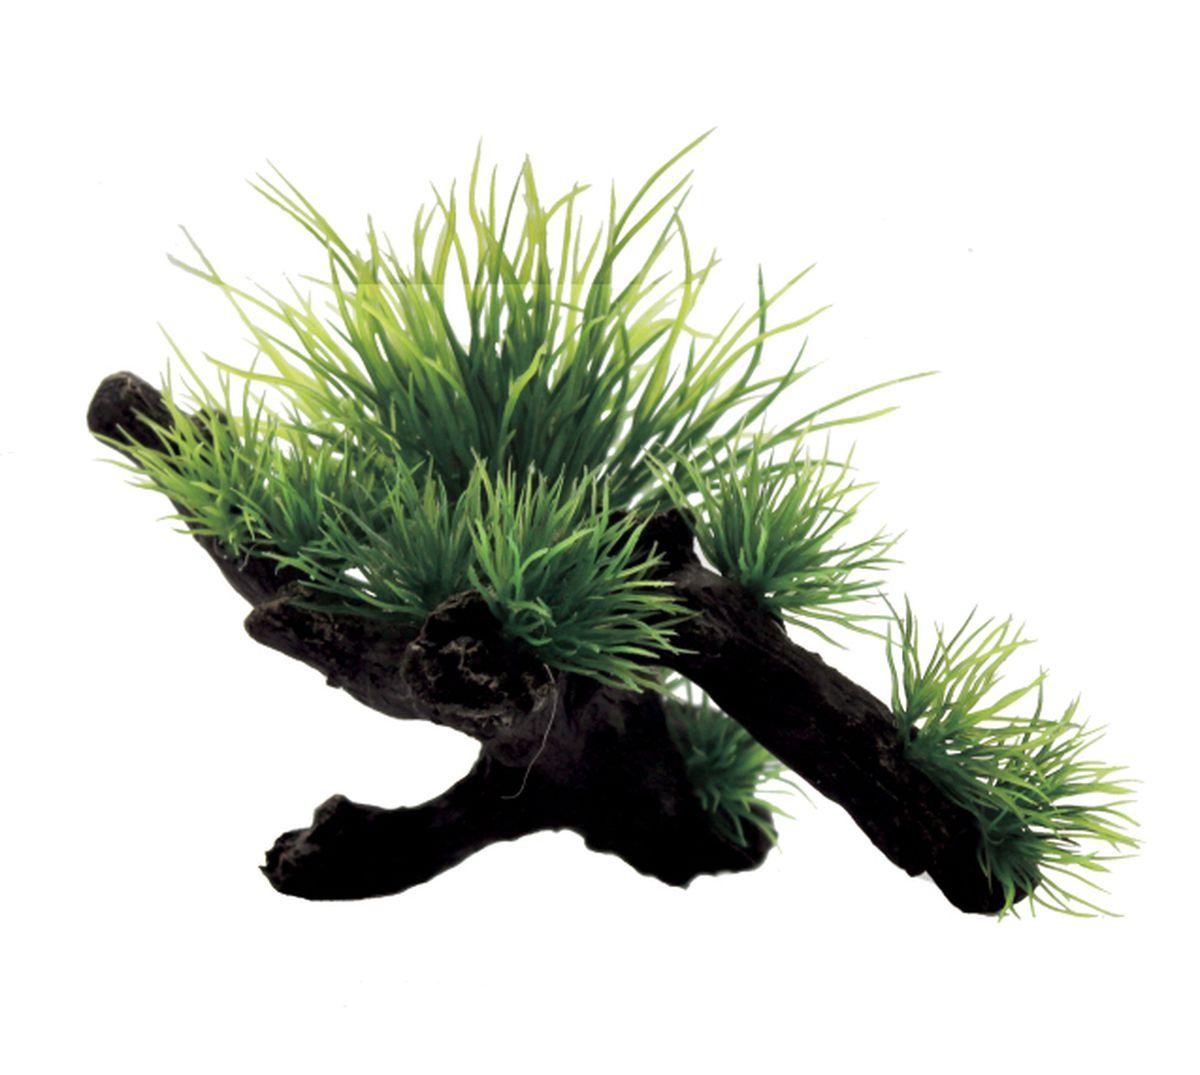 Композиция из растений для аквариума ArtUniq Ситняг на коряге, 15 x 10 x 11 смART-1130408ArtUniq Ситняг на коряге - прекрасная композиция из искусственных растений. Искусственные декорации ArtUniq обладают одним очень главным свойством - они долговечны и, соответственно, сохраняют свой внешний вид и всегда выглядят свежими и красивыми. А их сходство с природными порадует даже самых взыскательных ценителей.Коллекция ArtPlants – широчайшая палитра искусственных растений, которые помогут вдохнуть жизнь в ландшафт любого аквариума или террариума своей яркой, сочной цветовой палитрой.